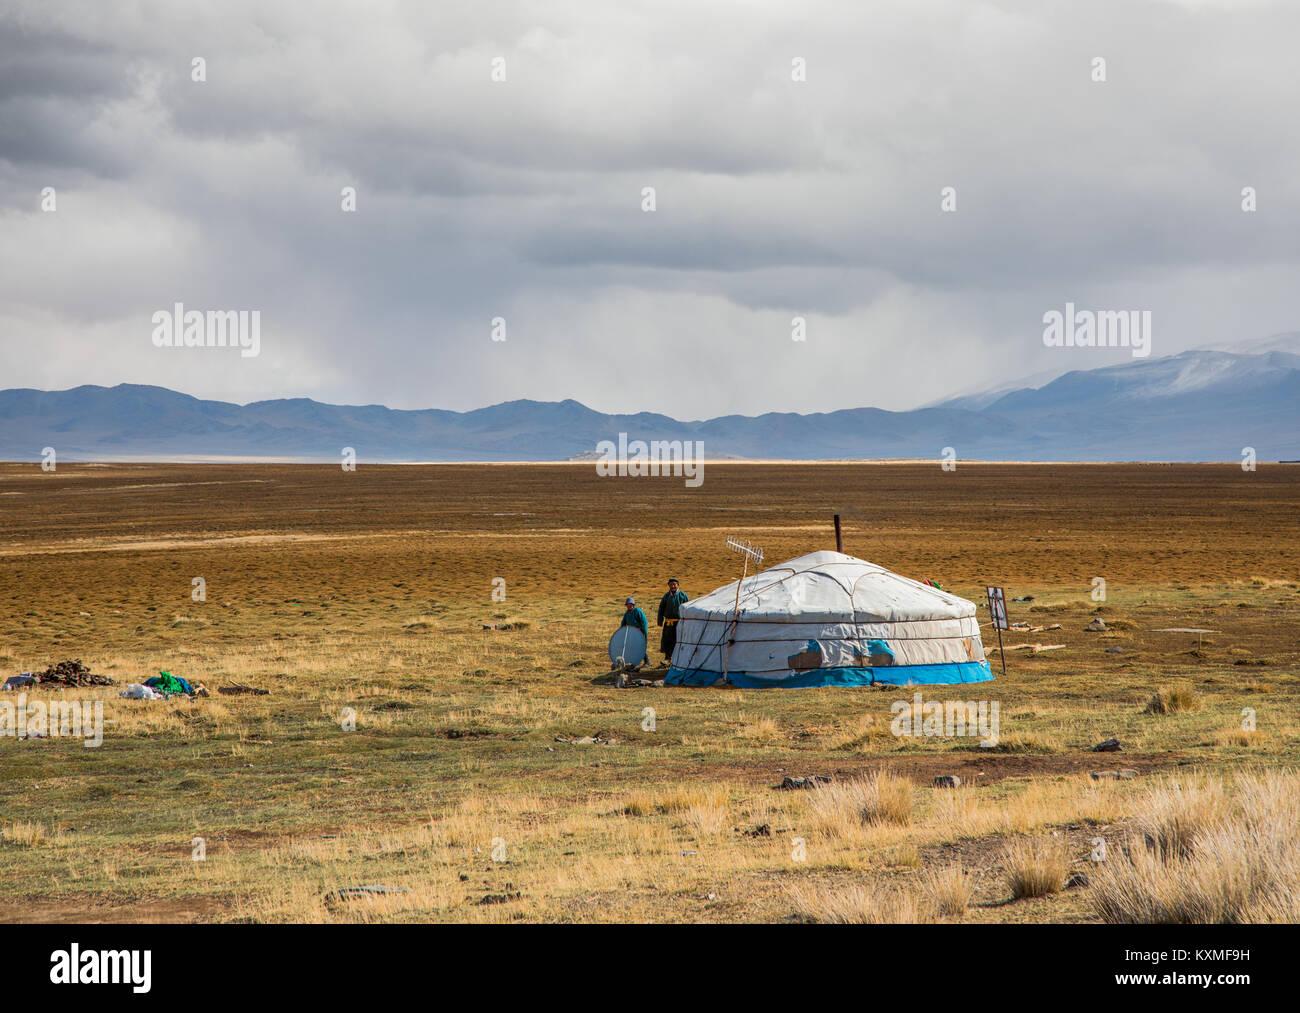 Famille rurale Mongolie ger père et enfant des plaines des Prairies steppes jour nuageux Photo Stock